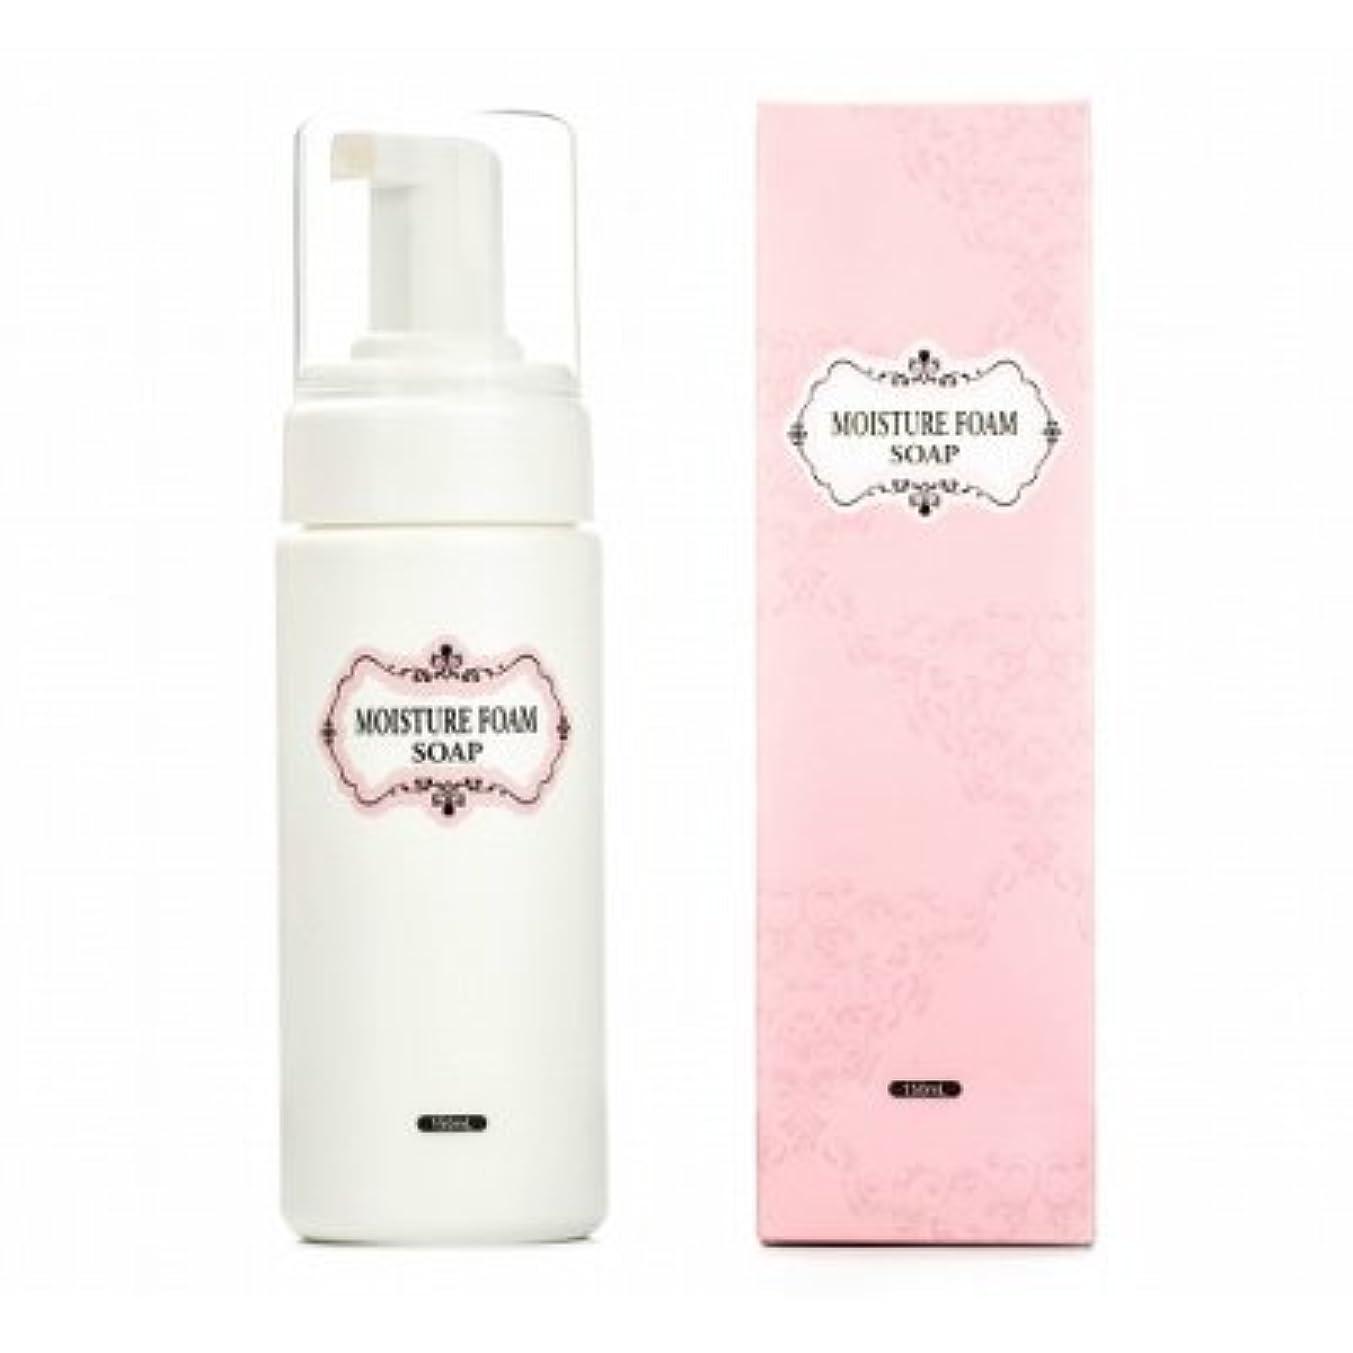 韓国領収書湾MOISTURE FOAM SOAP(モイスチャーフォームソープ) 150ml